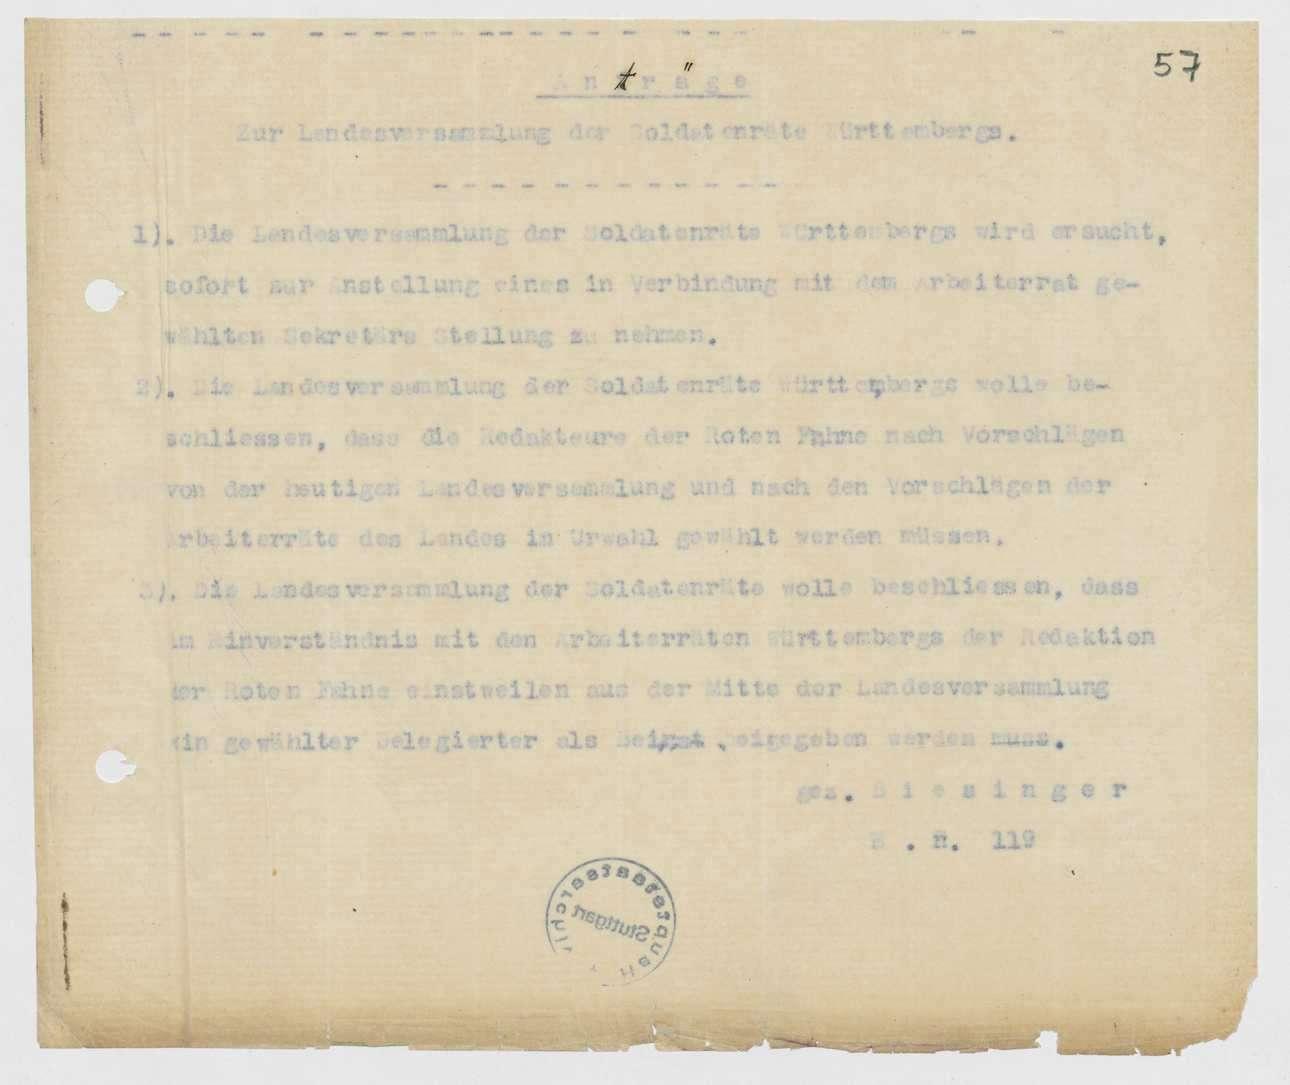 Einladung, Tages- und Geschäftsordnung, Berichte und Anträge zur 1., 2. und 3. Landesversammlung der Soldatenräte, Bild 2